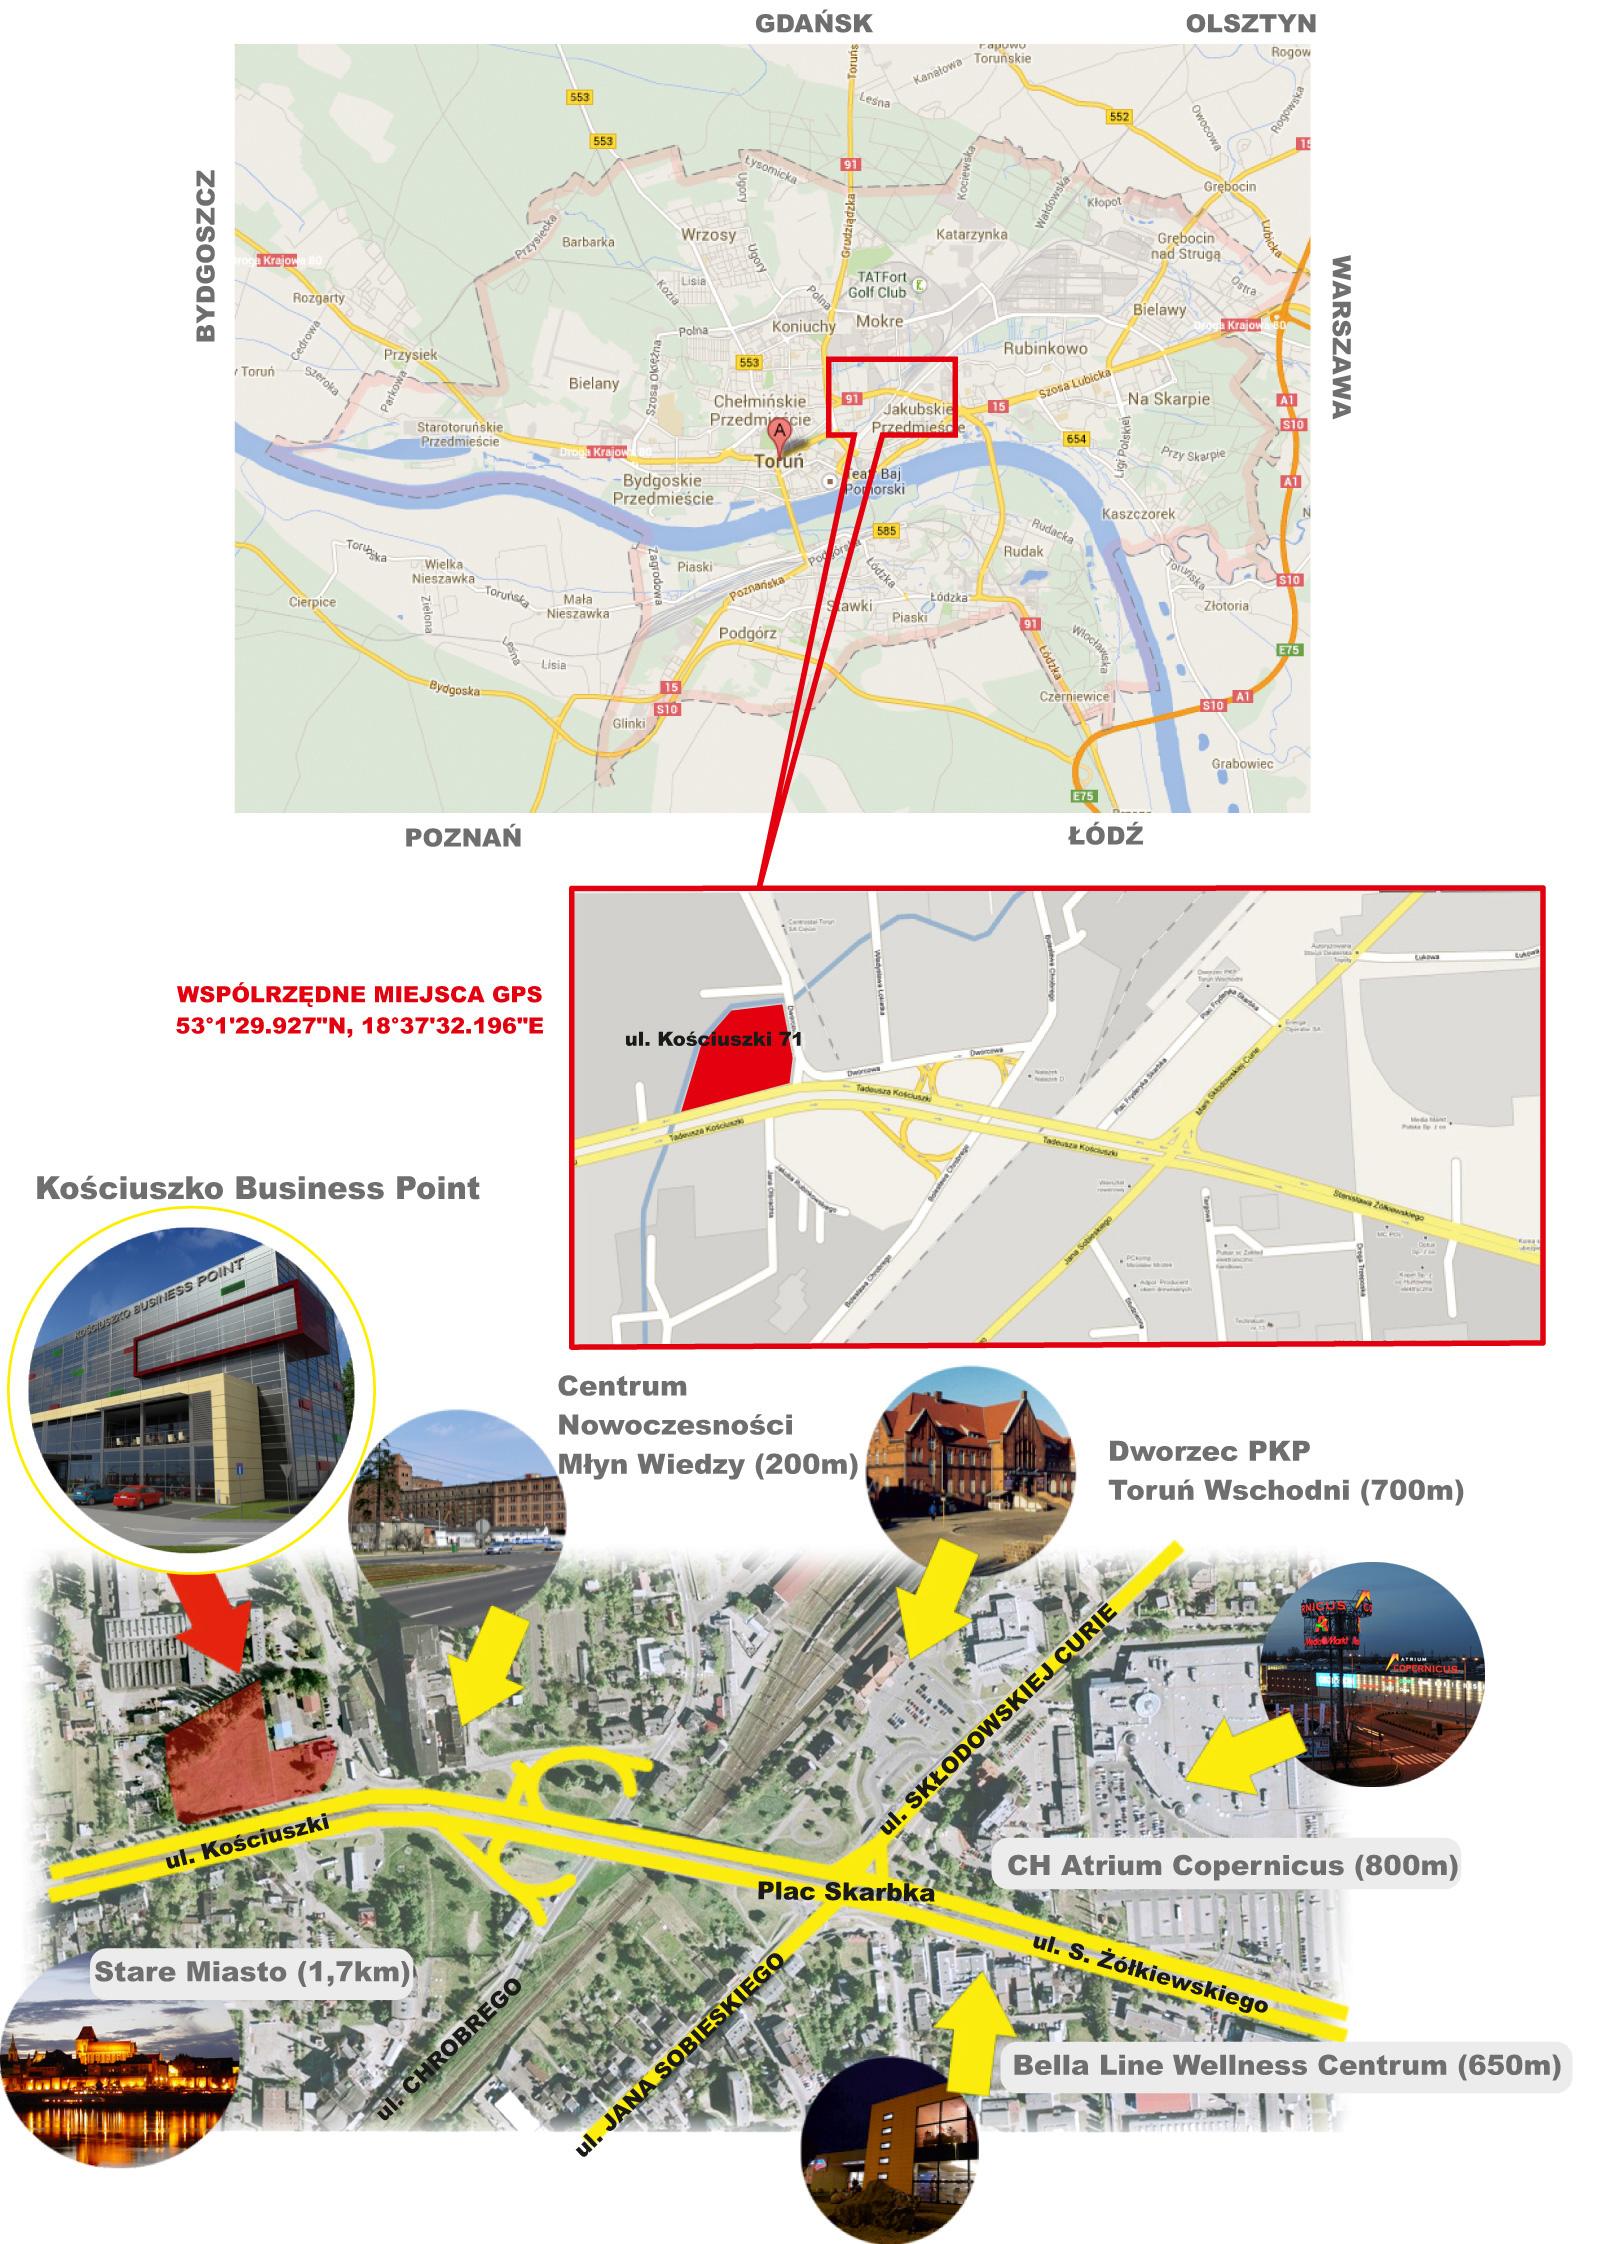 biurowiec Kościuszko Businness Point, ul. Kościuszki 73, 87-100 Toruń